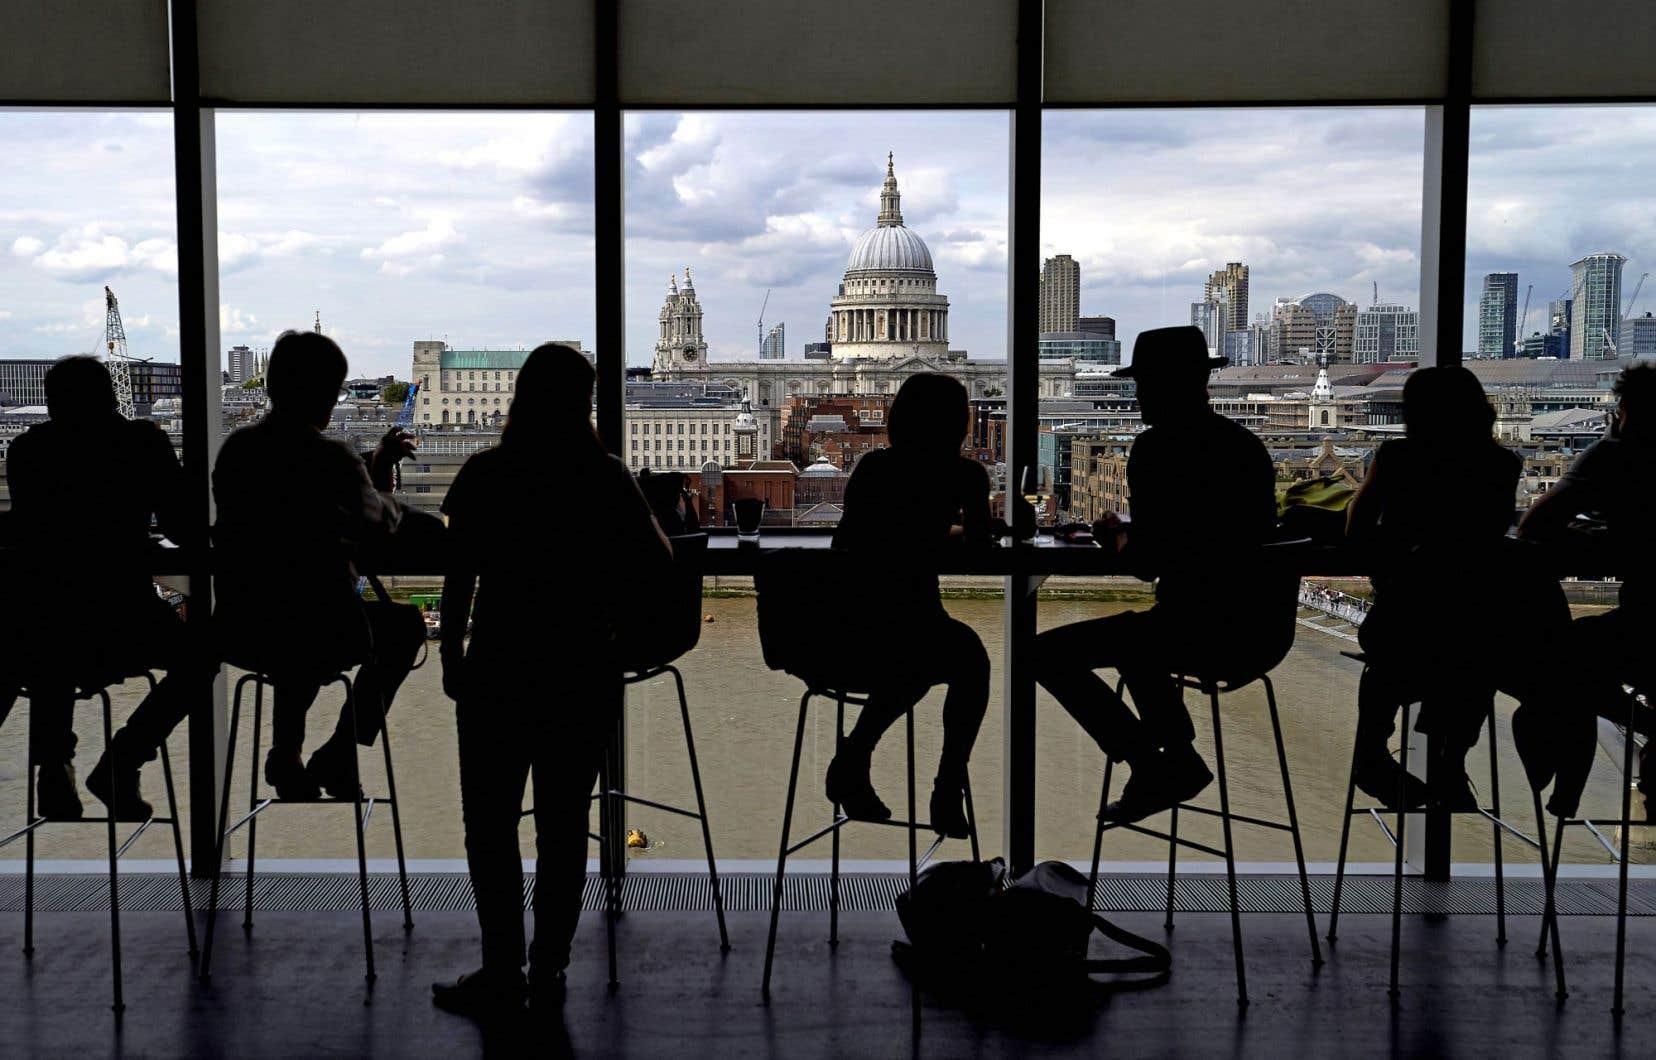 Des gens apprécient la vue de la cathédrale Saint-Paul depuis le musée Tate Modern de Londres.